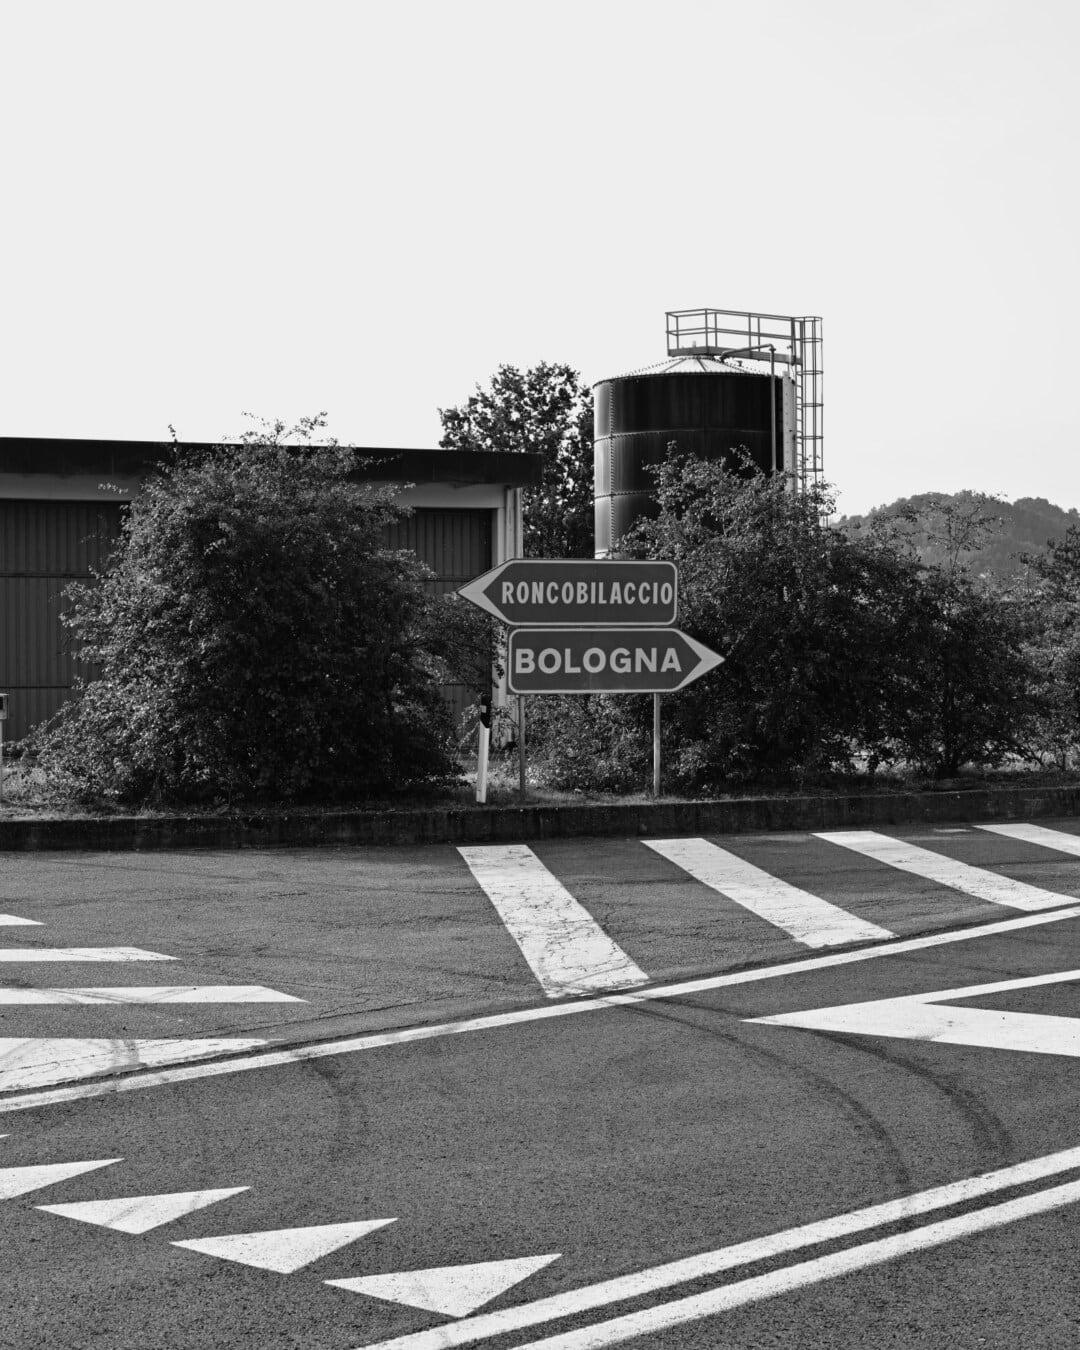 Kreuzung, Querschnitt, Zebrastreifen, Verkehrssteuerung, Straßen, Ziel, schwarz und weiß, Straße, Monochrom, Straße